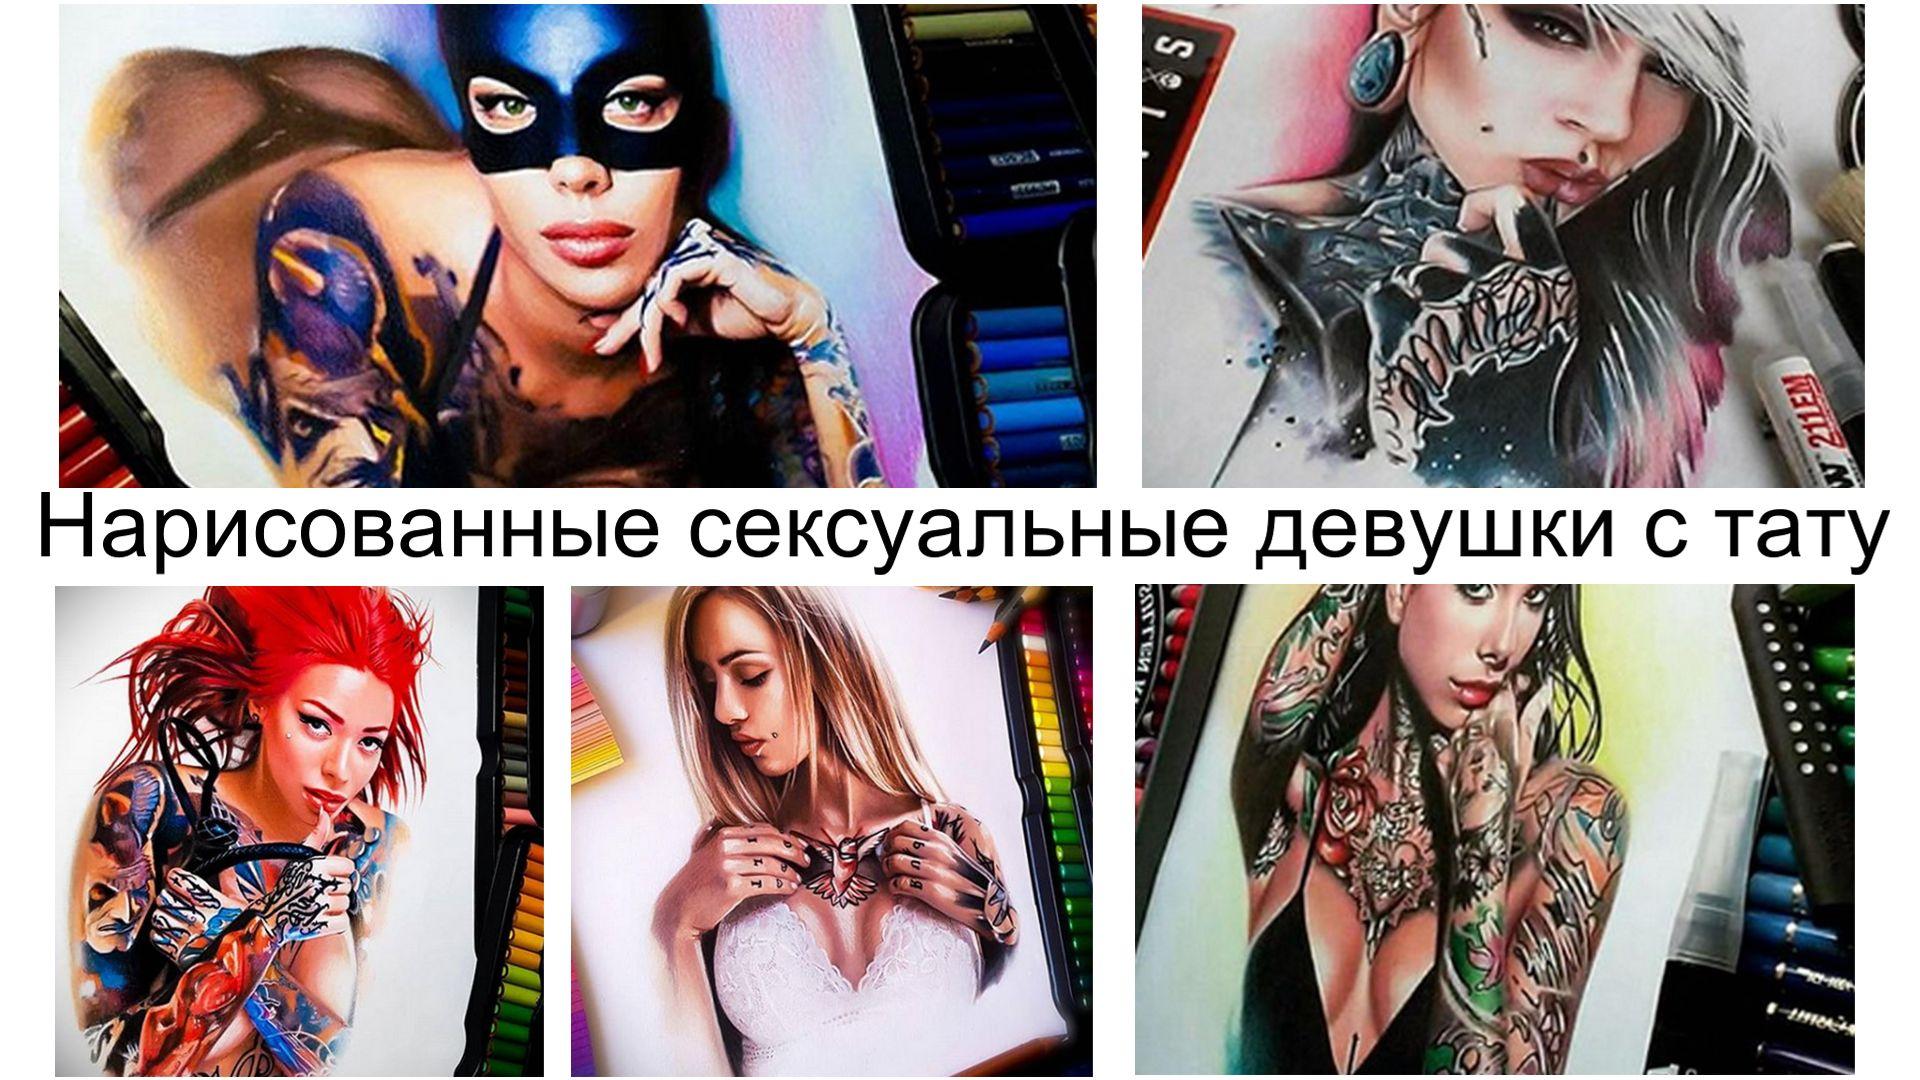 Нарисованные сексуальные девушки с татуировками